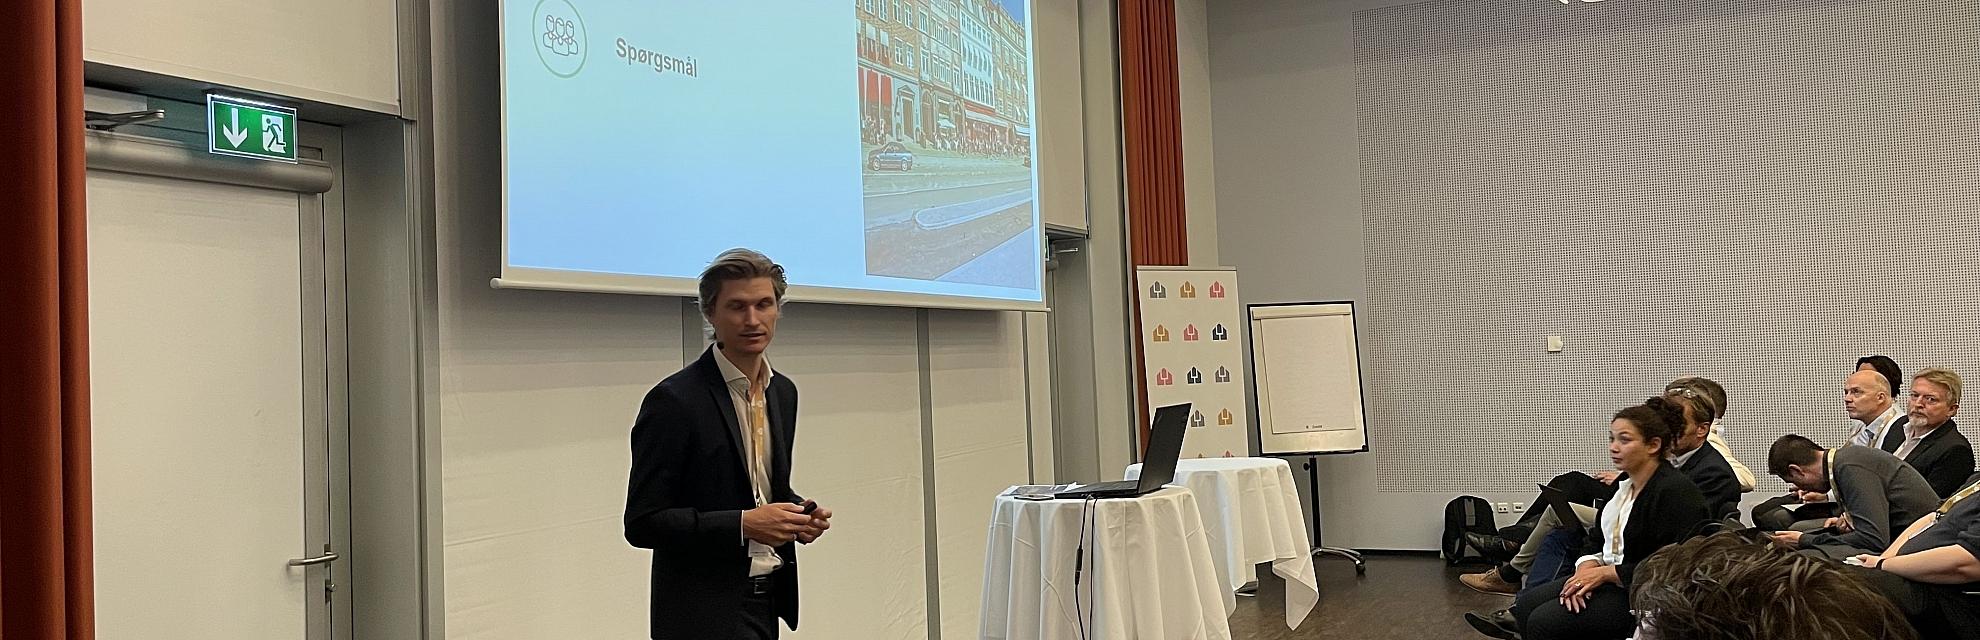 Peter til Dansk Facilities Managements årskonference